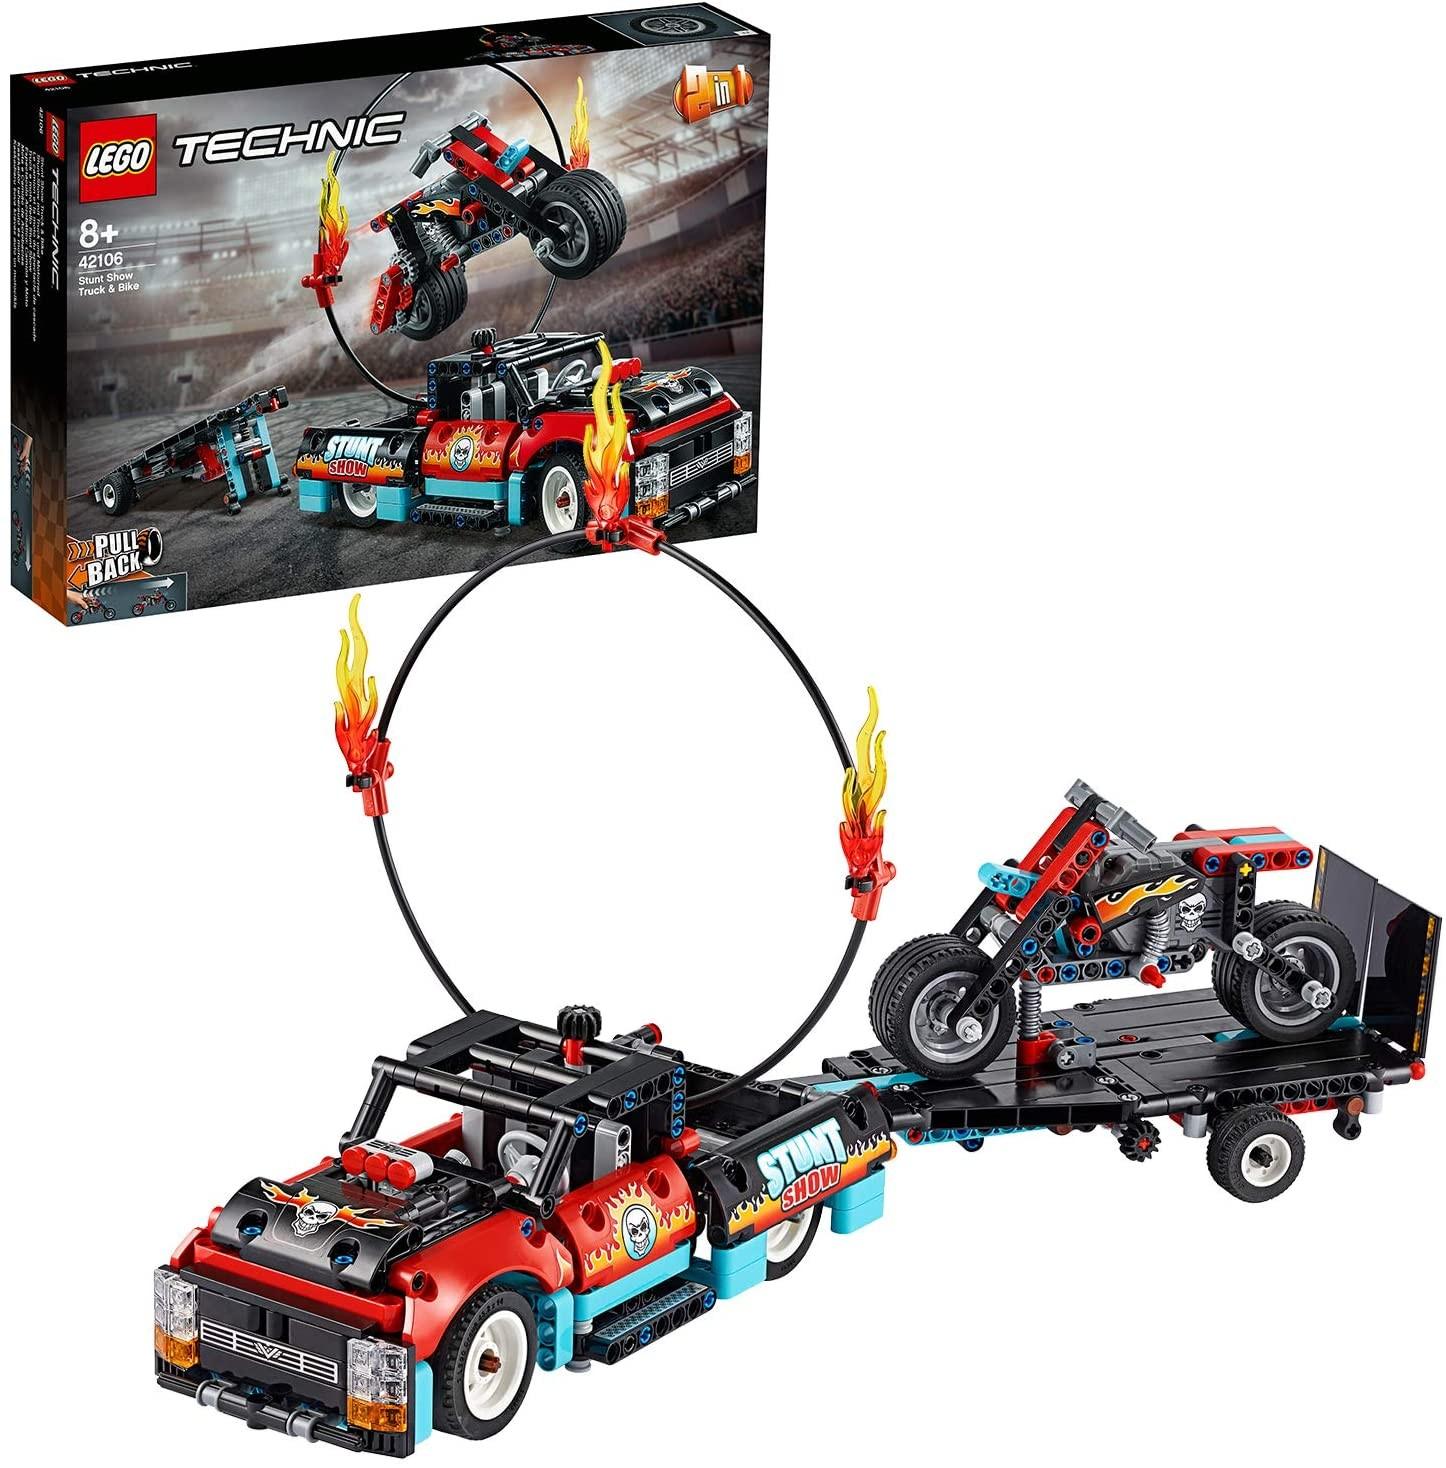 LEGO_Technic_Camion_si_motocicleta_pentru_cascadorii_LEGO_42106_2